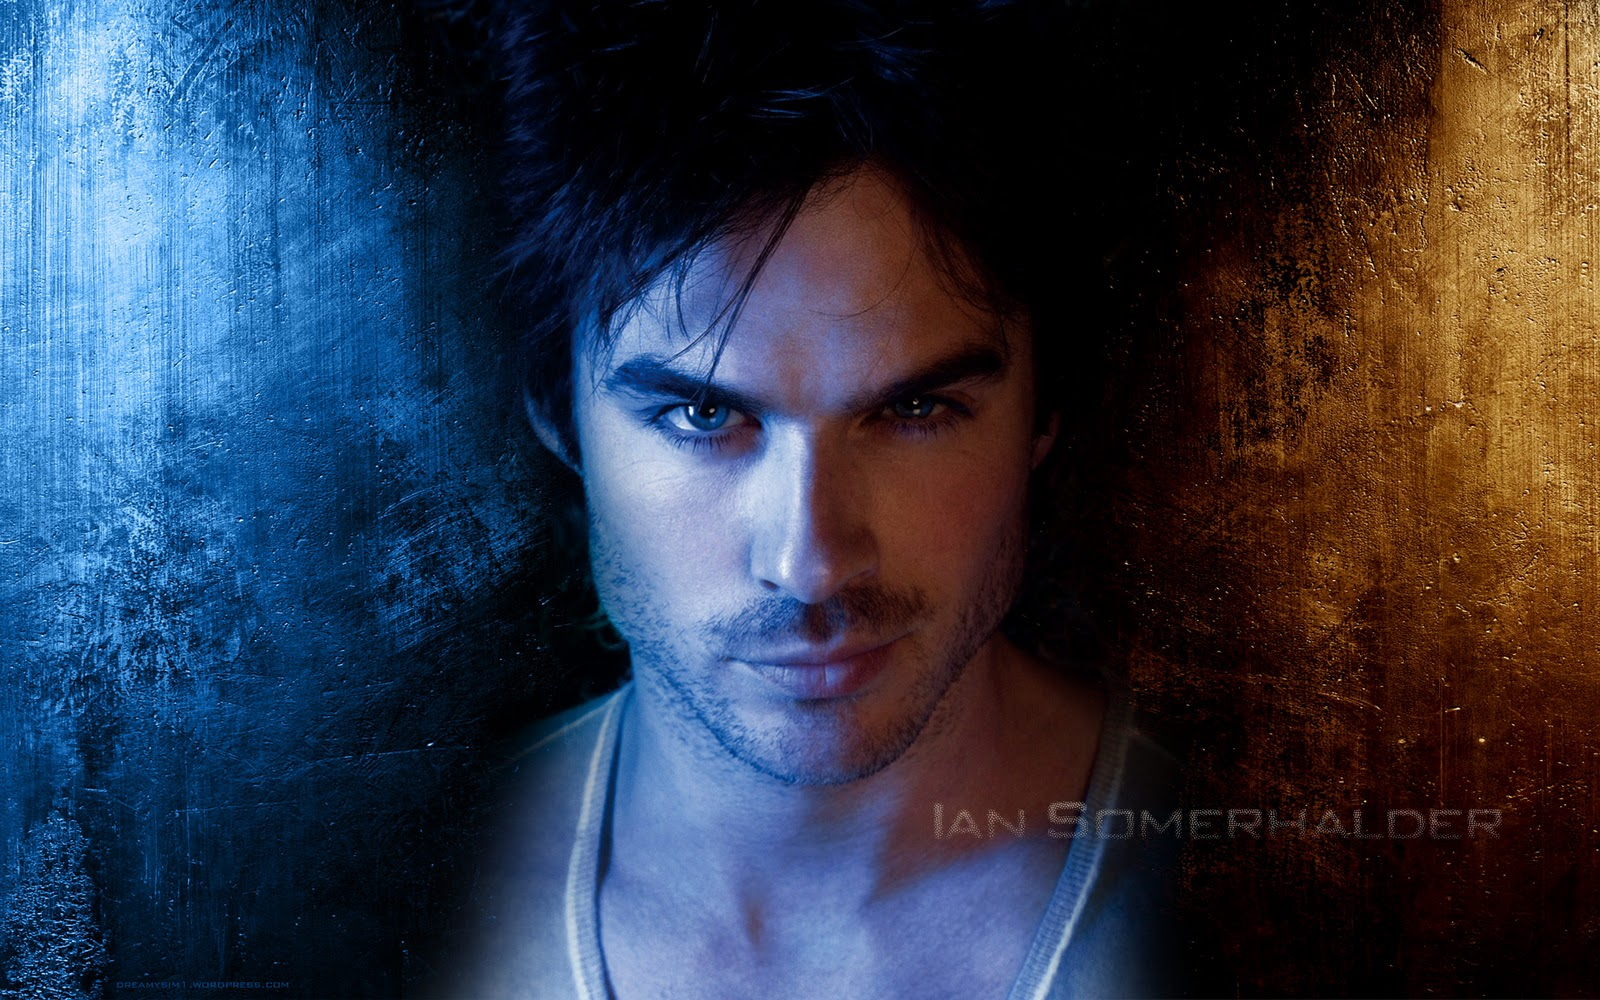 http://2.bp.blogspot.com/-am3H4wiFhms/TufMIAz2kVI/AAAAAAAAAr8/kiLYUaCnn5Y/s1600/Ian_Somerhalder-vampire-diaries-7.jpg